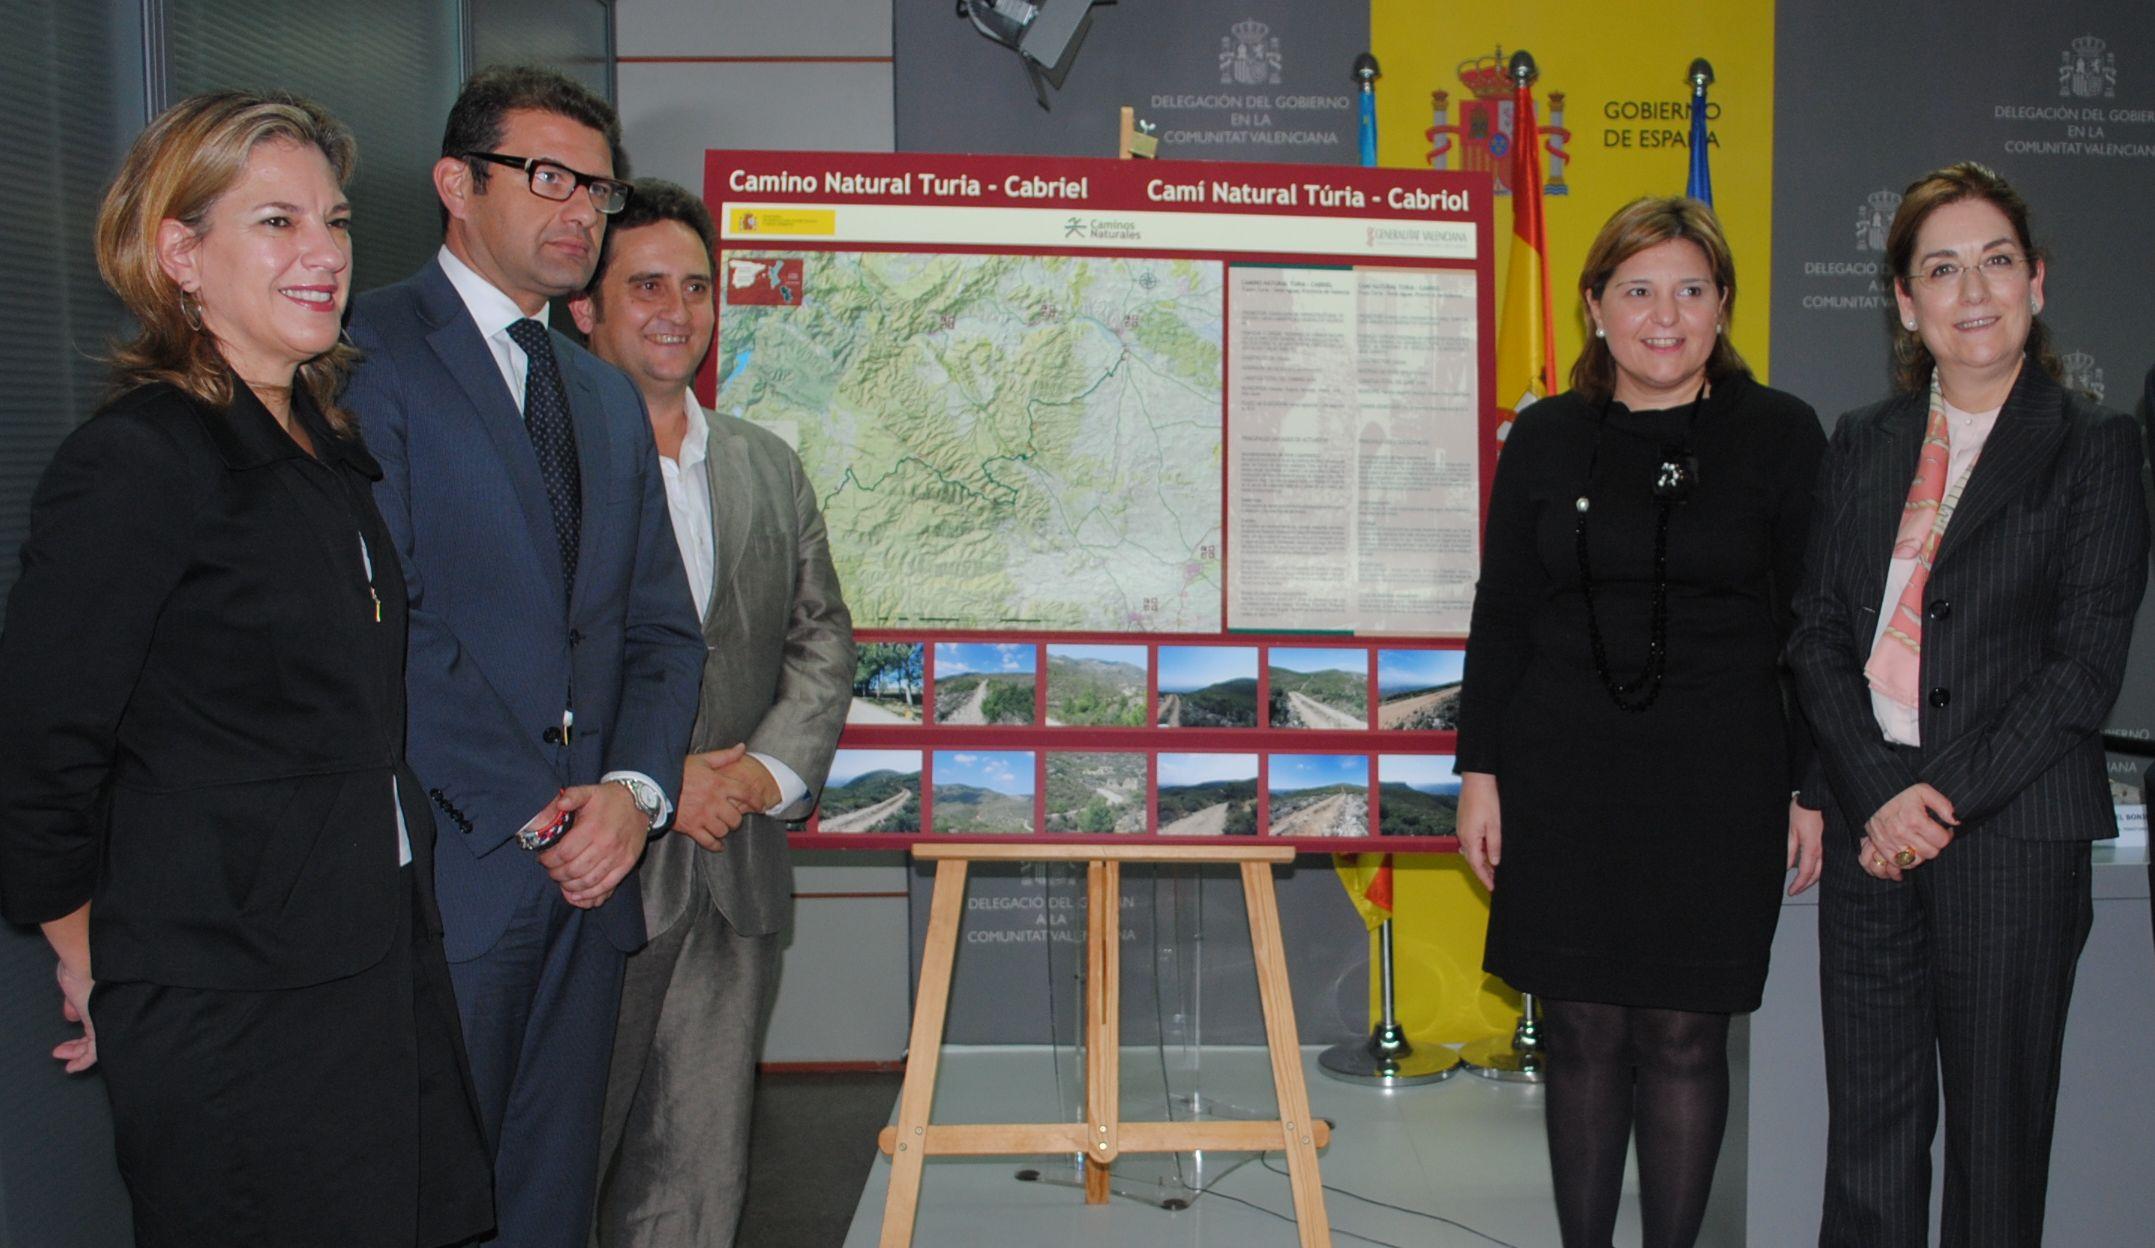 Medio Ambiente presenta las obras del Camino Natural de Turia-Cabriel en el tramo entre Turia y Siete Aguas